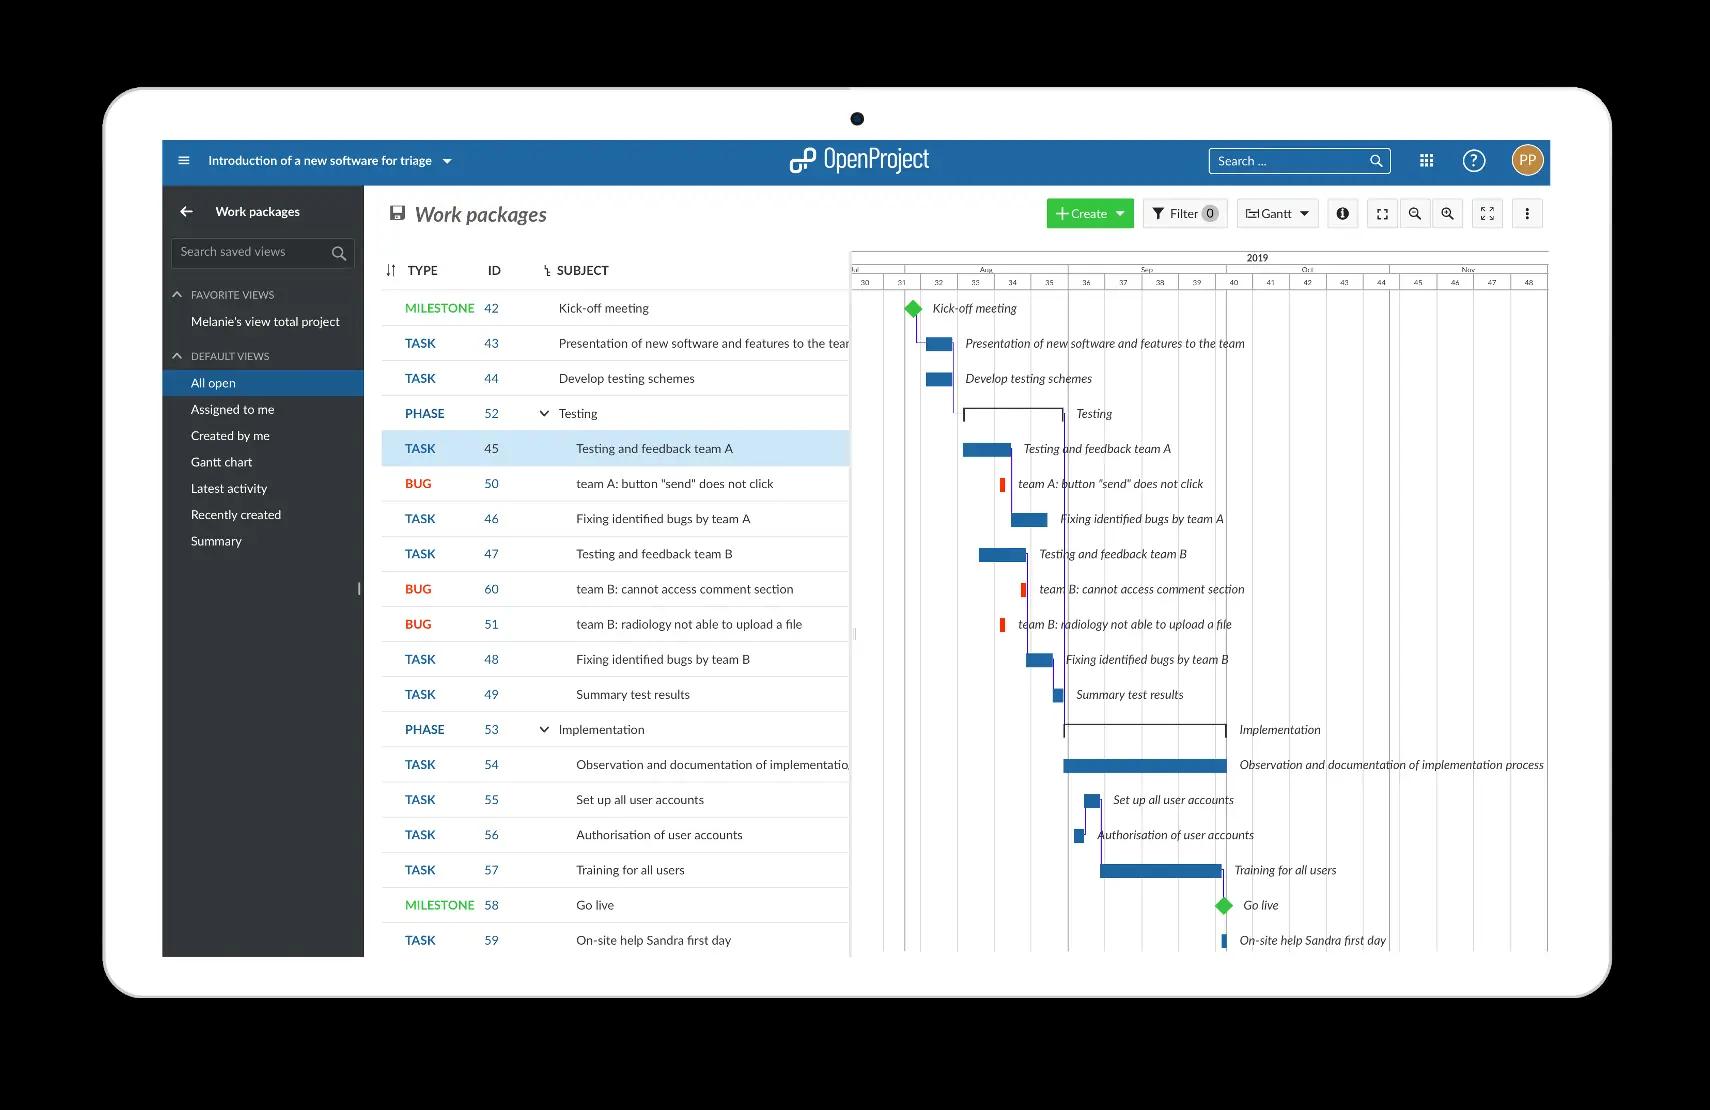 Open project screenshot - marketing materials